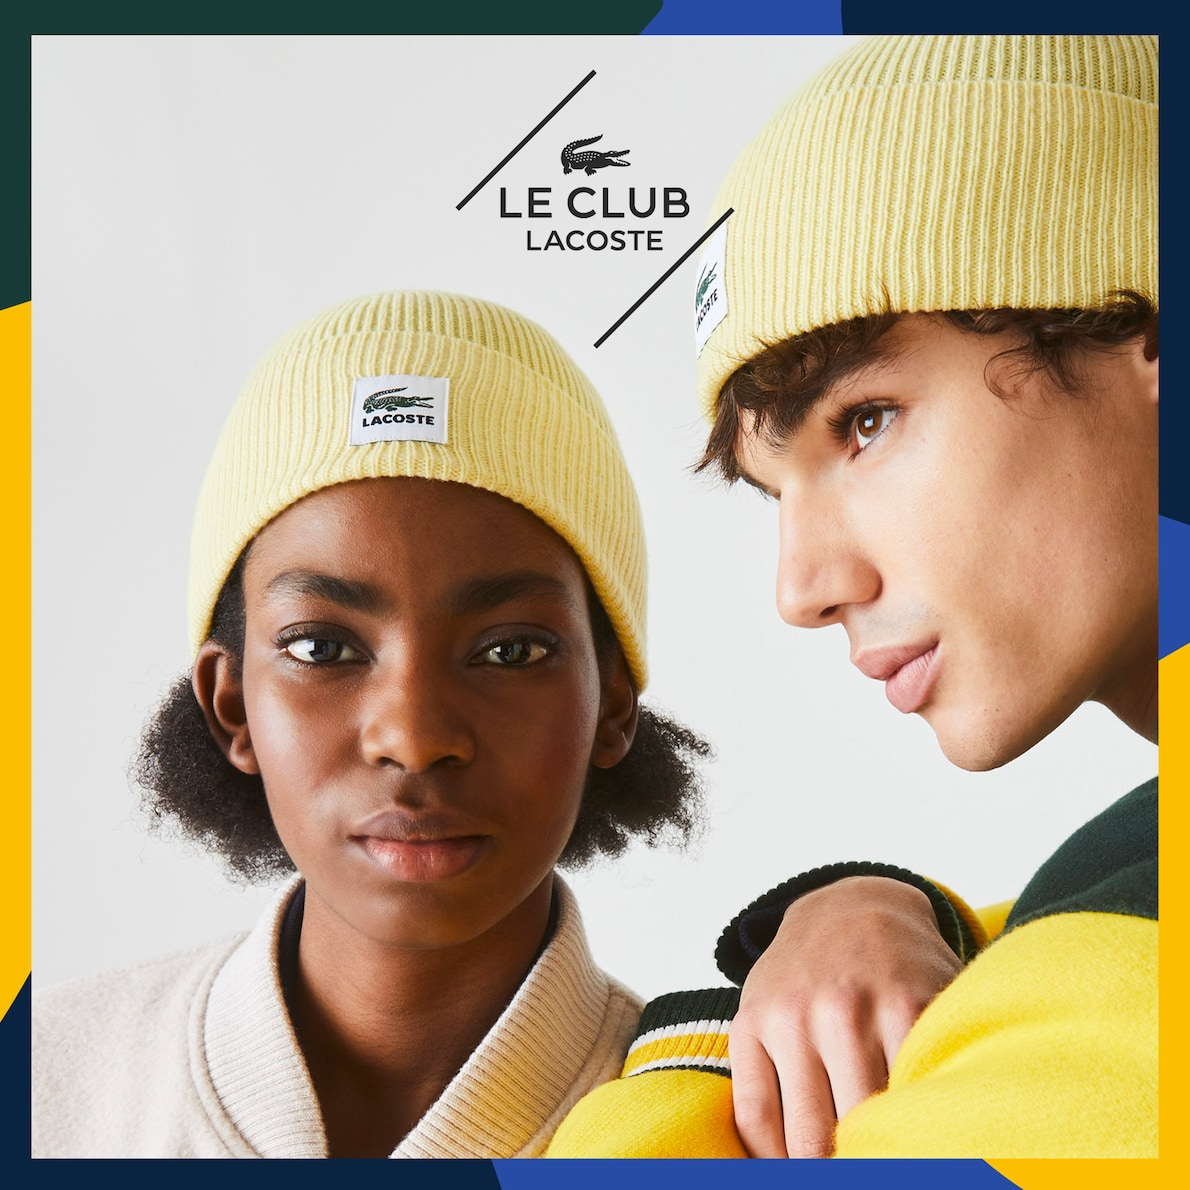 Le Club Lacoste : Eksik olan tek şey sizsiniz!